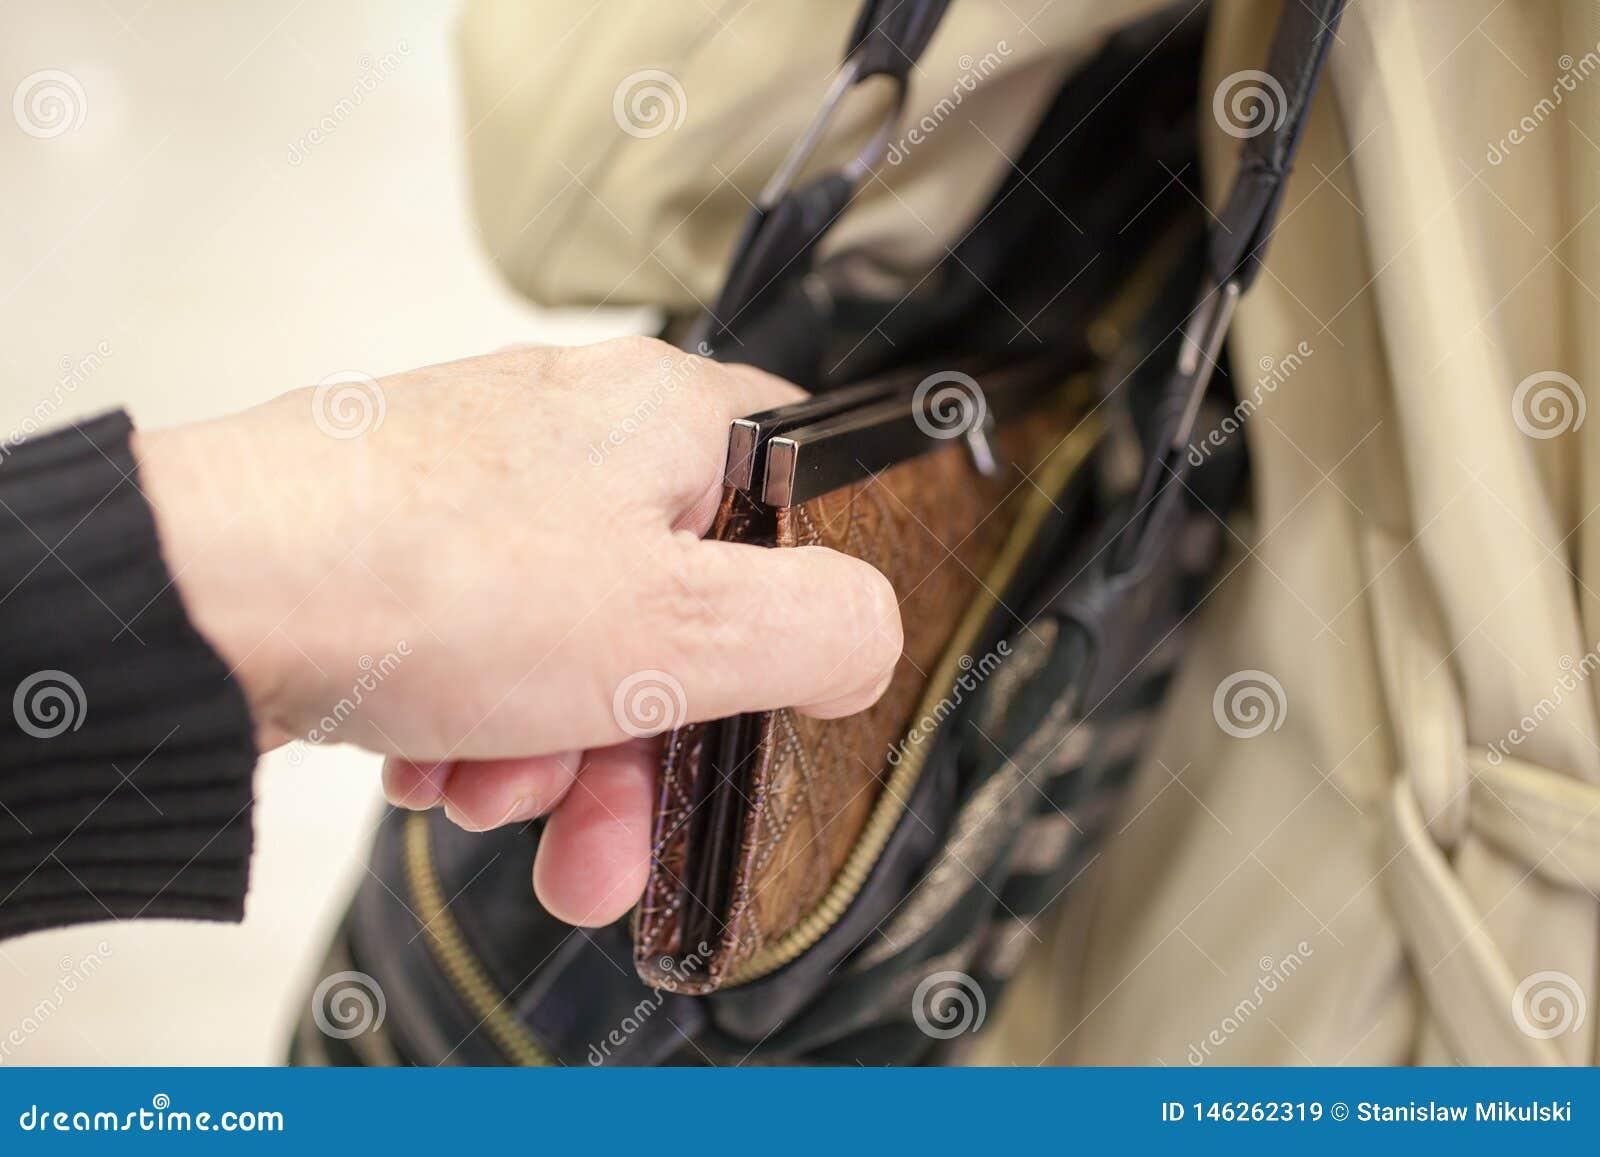 扒手窃贼窃取从提包的钱包